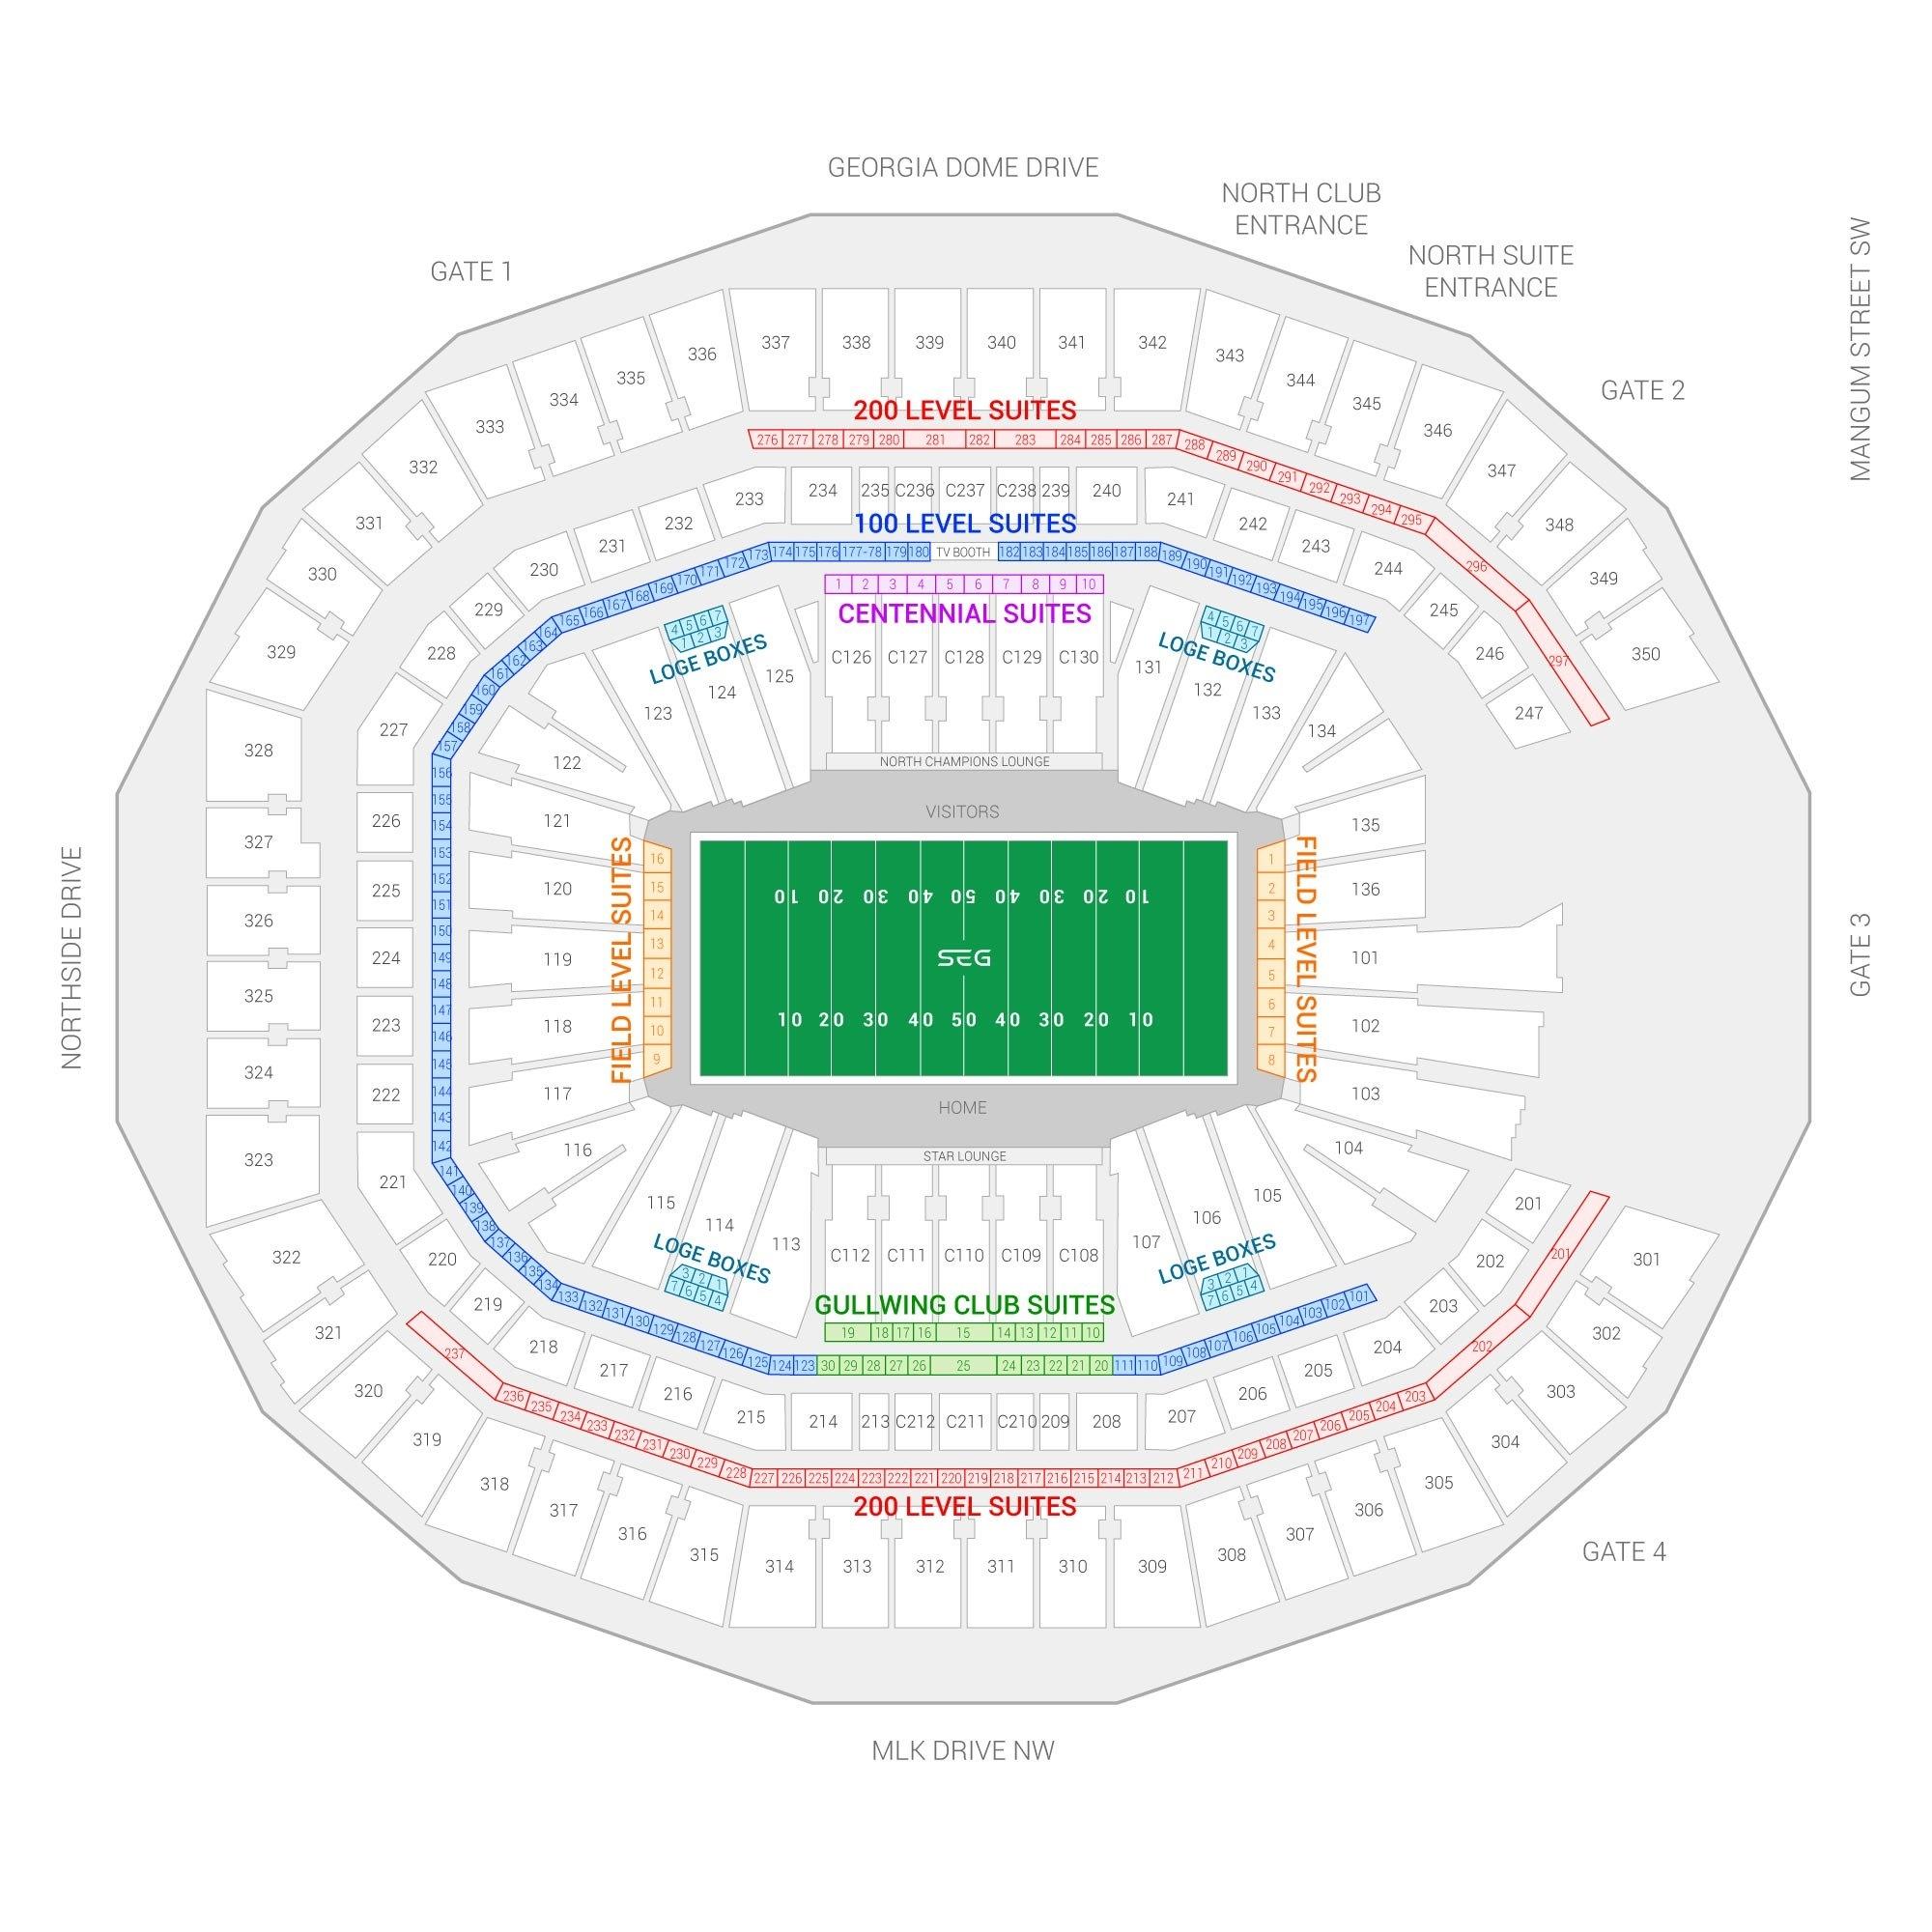 Super Bowl Liii Suite Rentals | Mercedes-Benz Stadium regarding Super Bowl 53 Seating Capacity